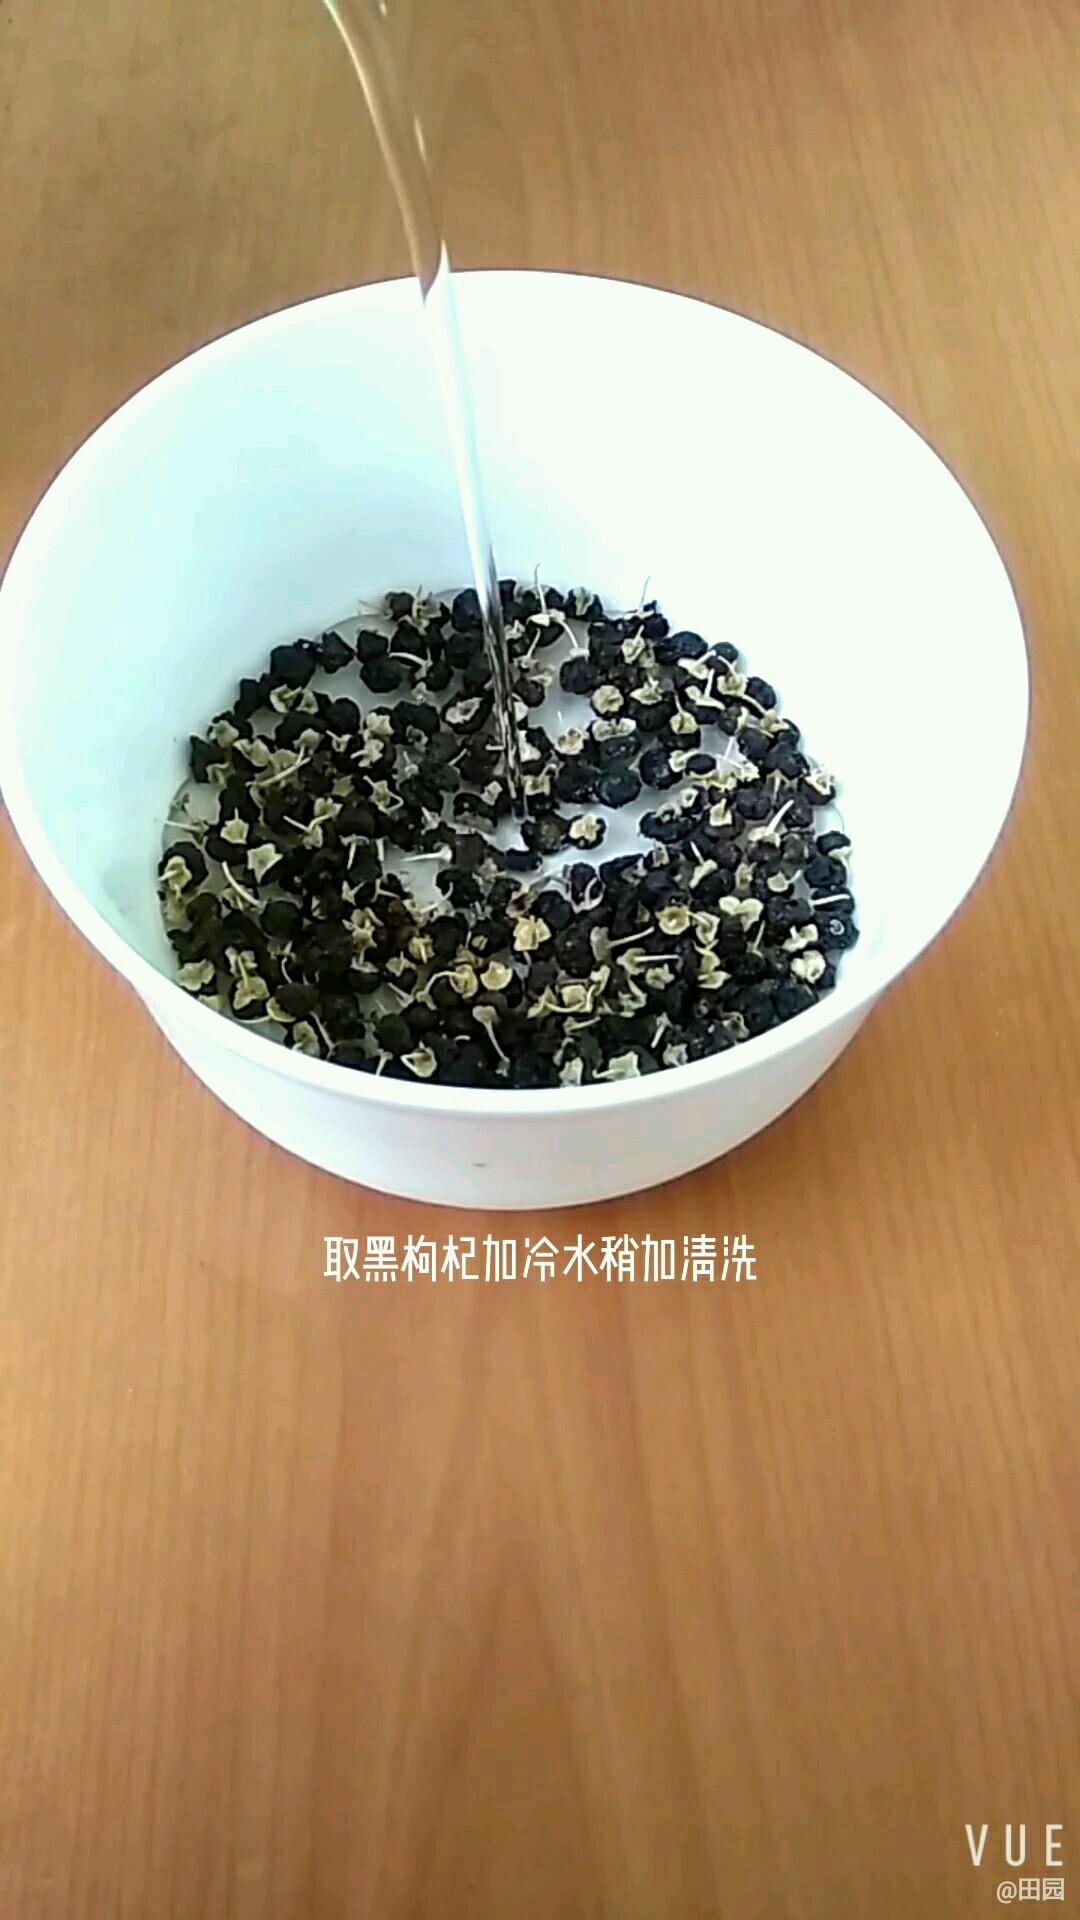 黑米红豆养生粥的简单做法